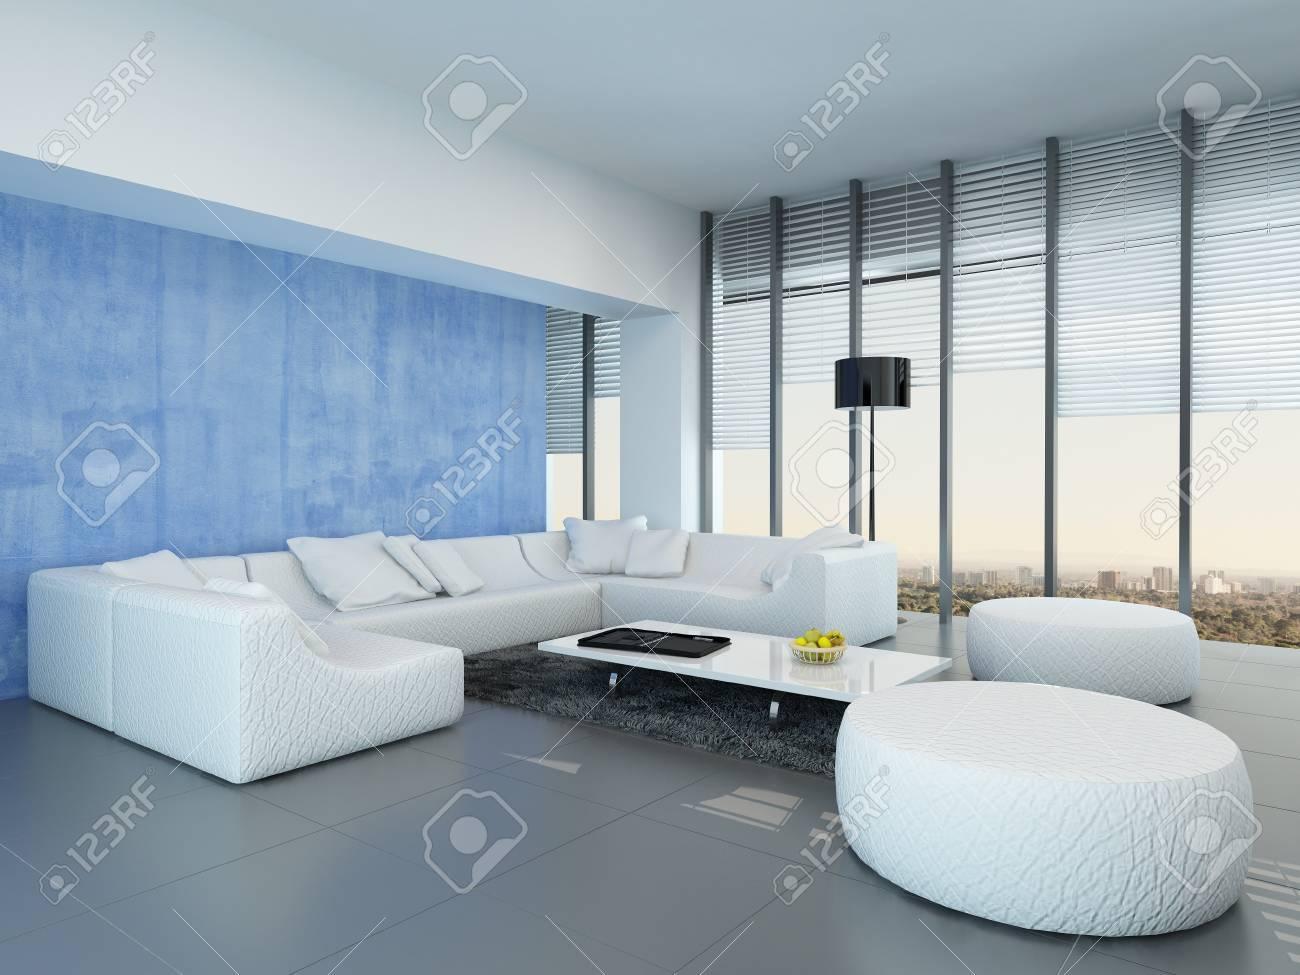 Gris contemporain, bleu et blanc salon décoration intérieure avec un blanc  salon suite modulaire sur un sol gris, fenêtres du sol au plafond et ...